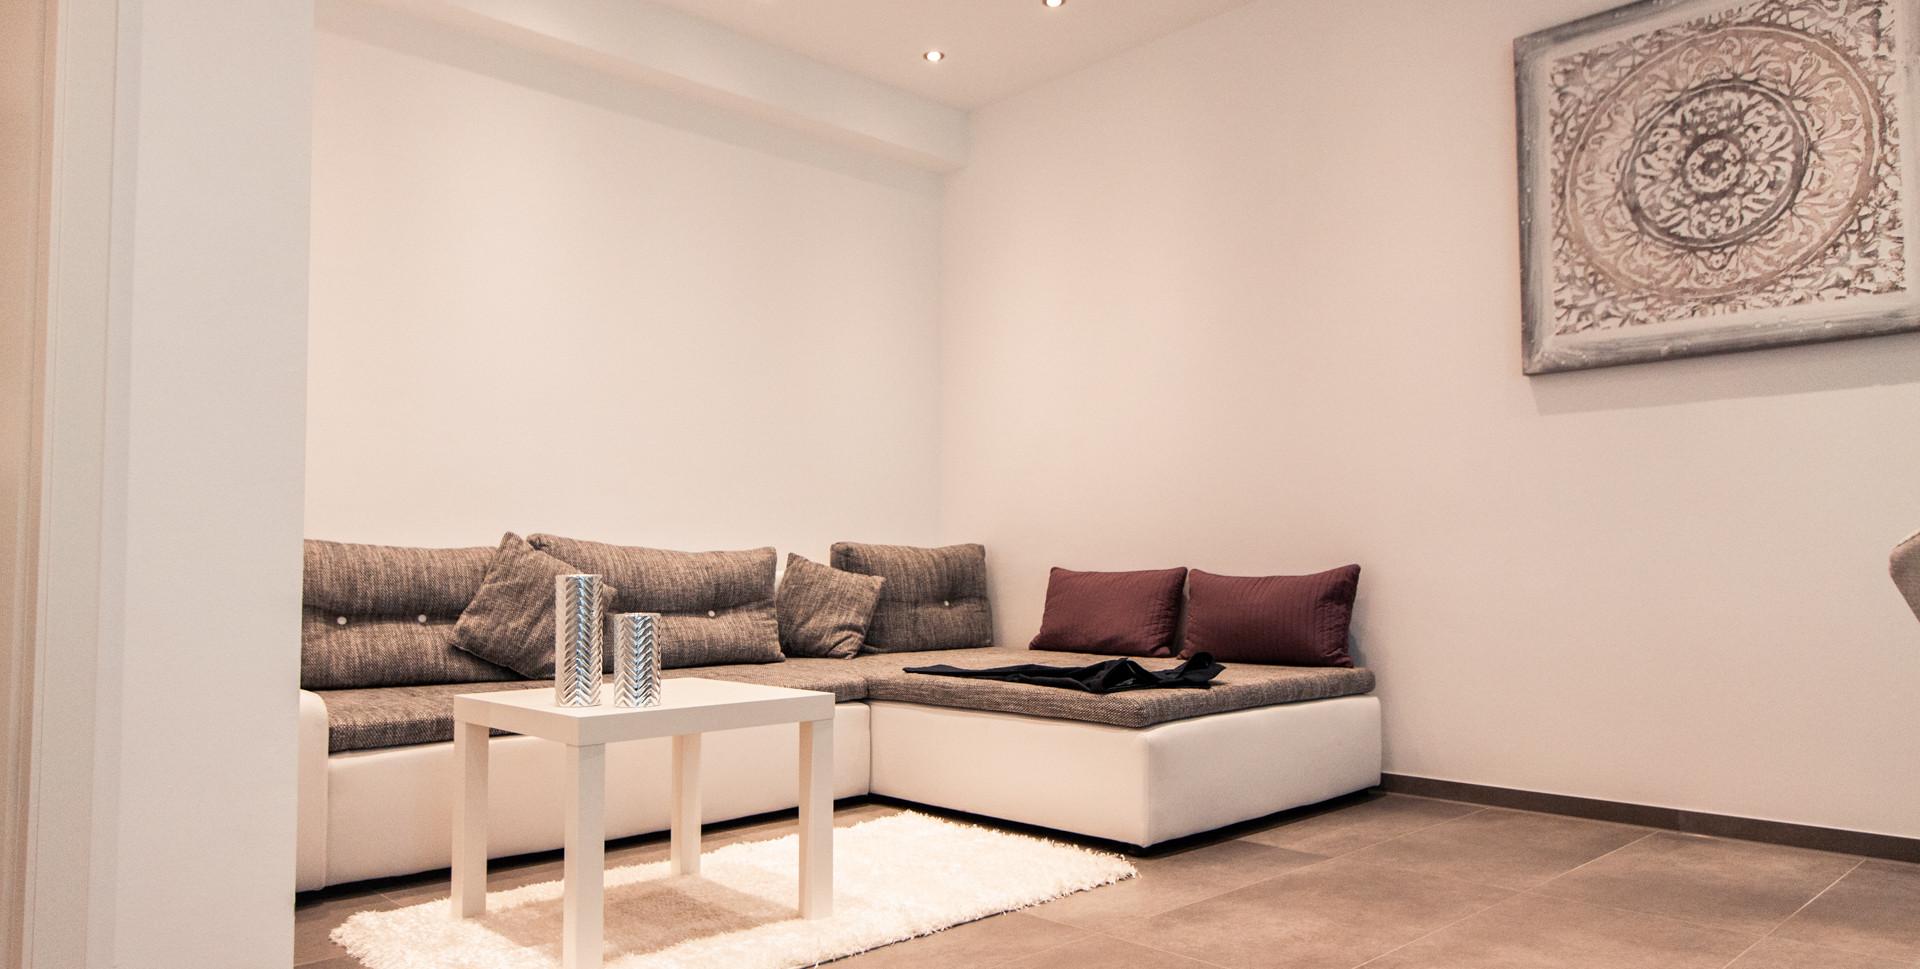 200507_BA_Apartments_Suite_1920px-12.jpg